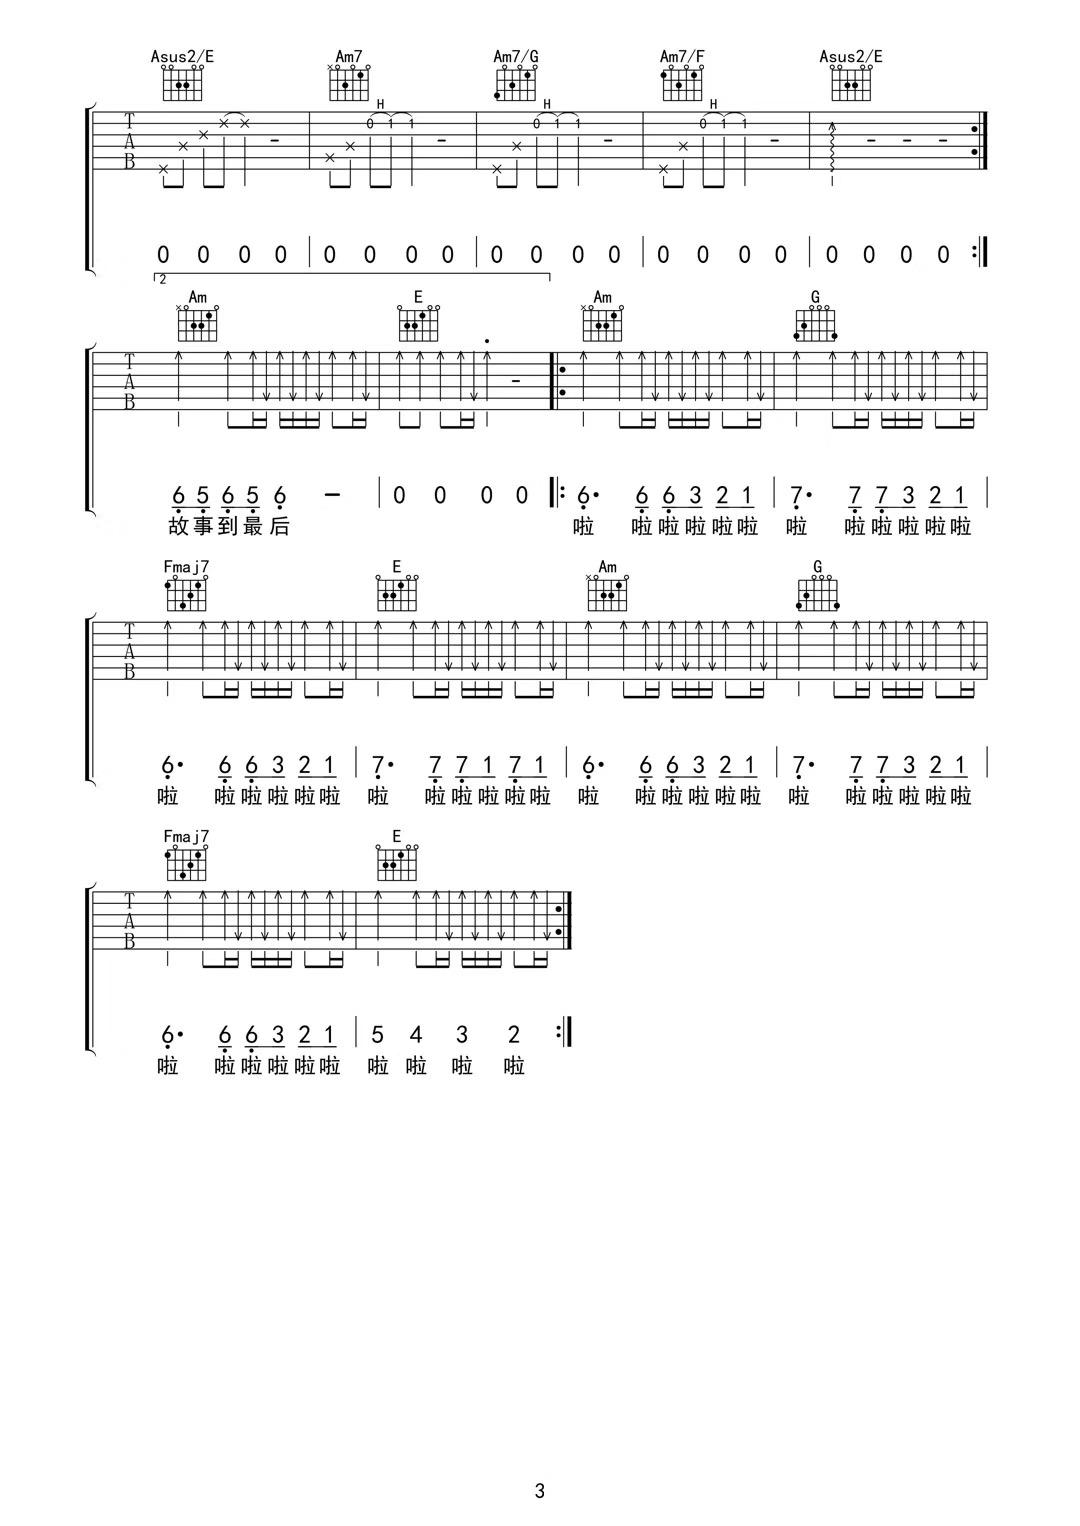 花粥/王胜男《浮白》吉他谱 C调吉他弹唱高清六线谱3